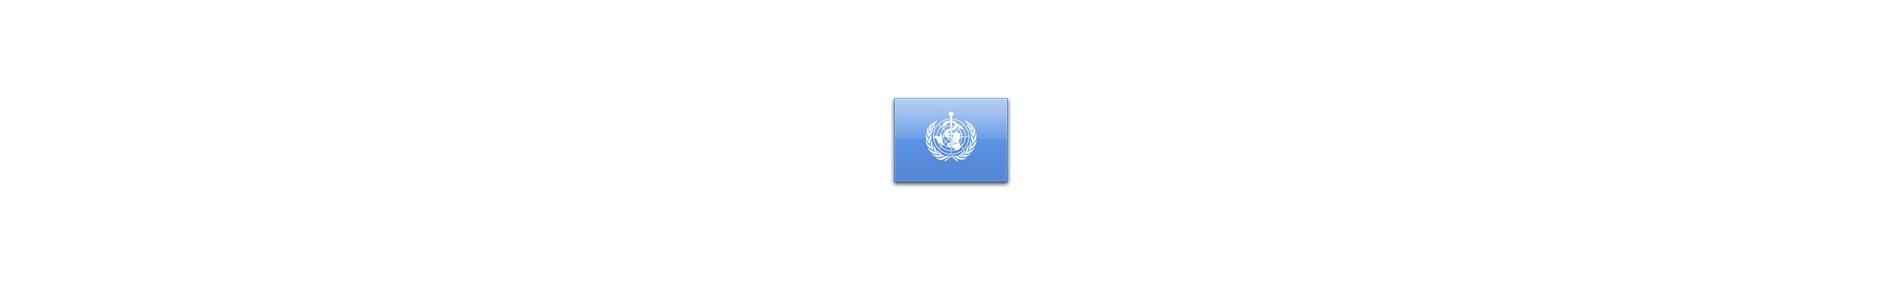 Naciones Unidas - Onu